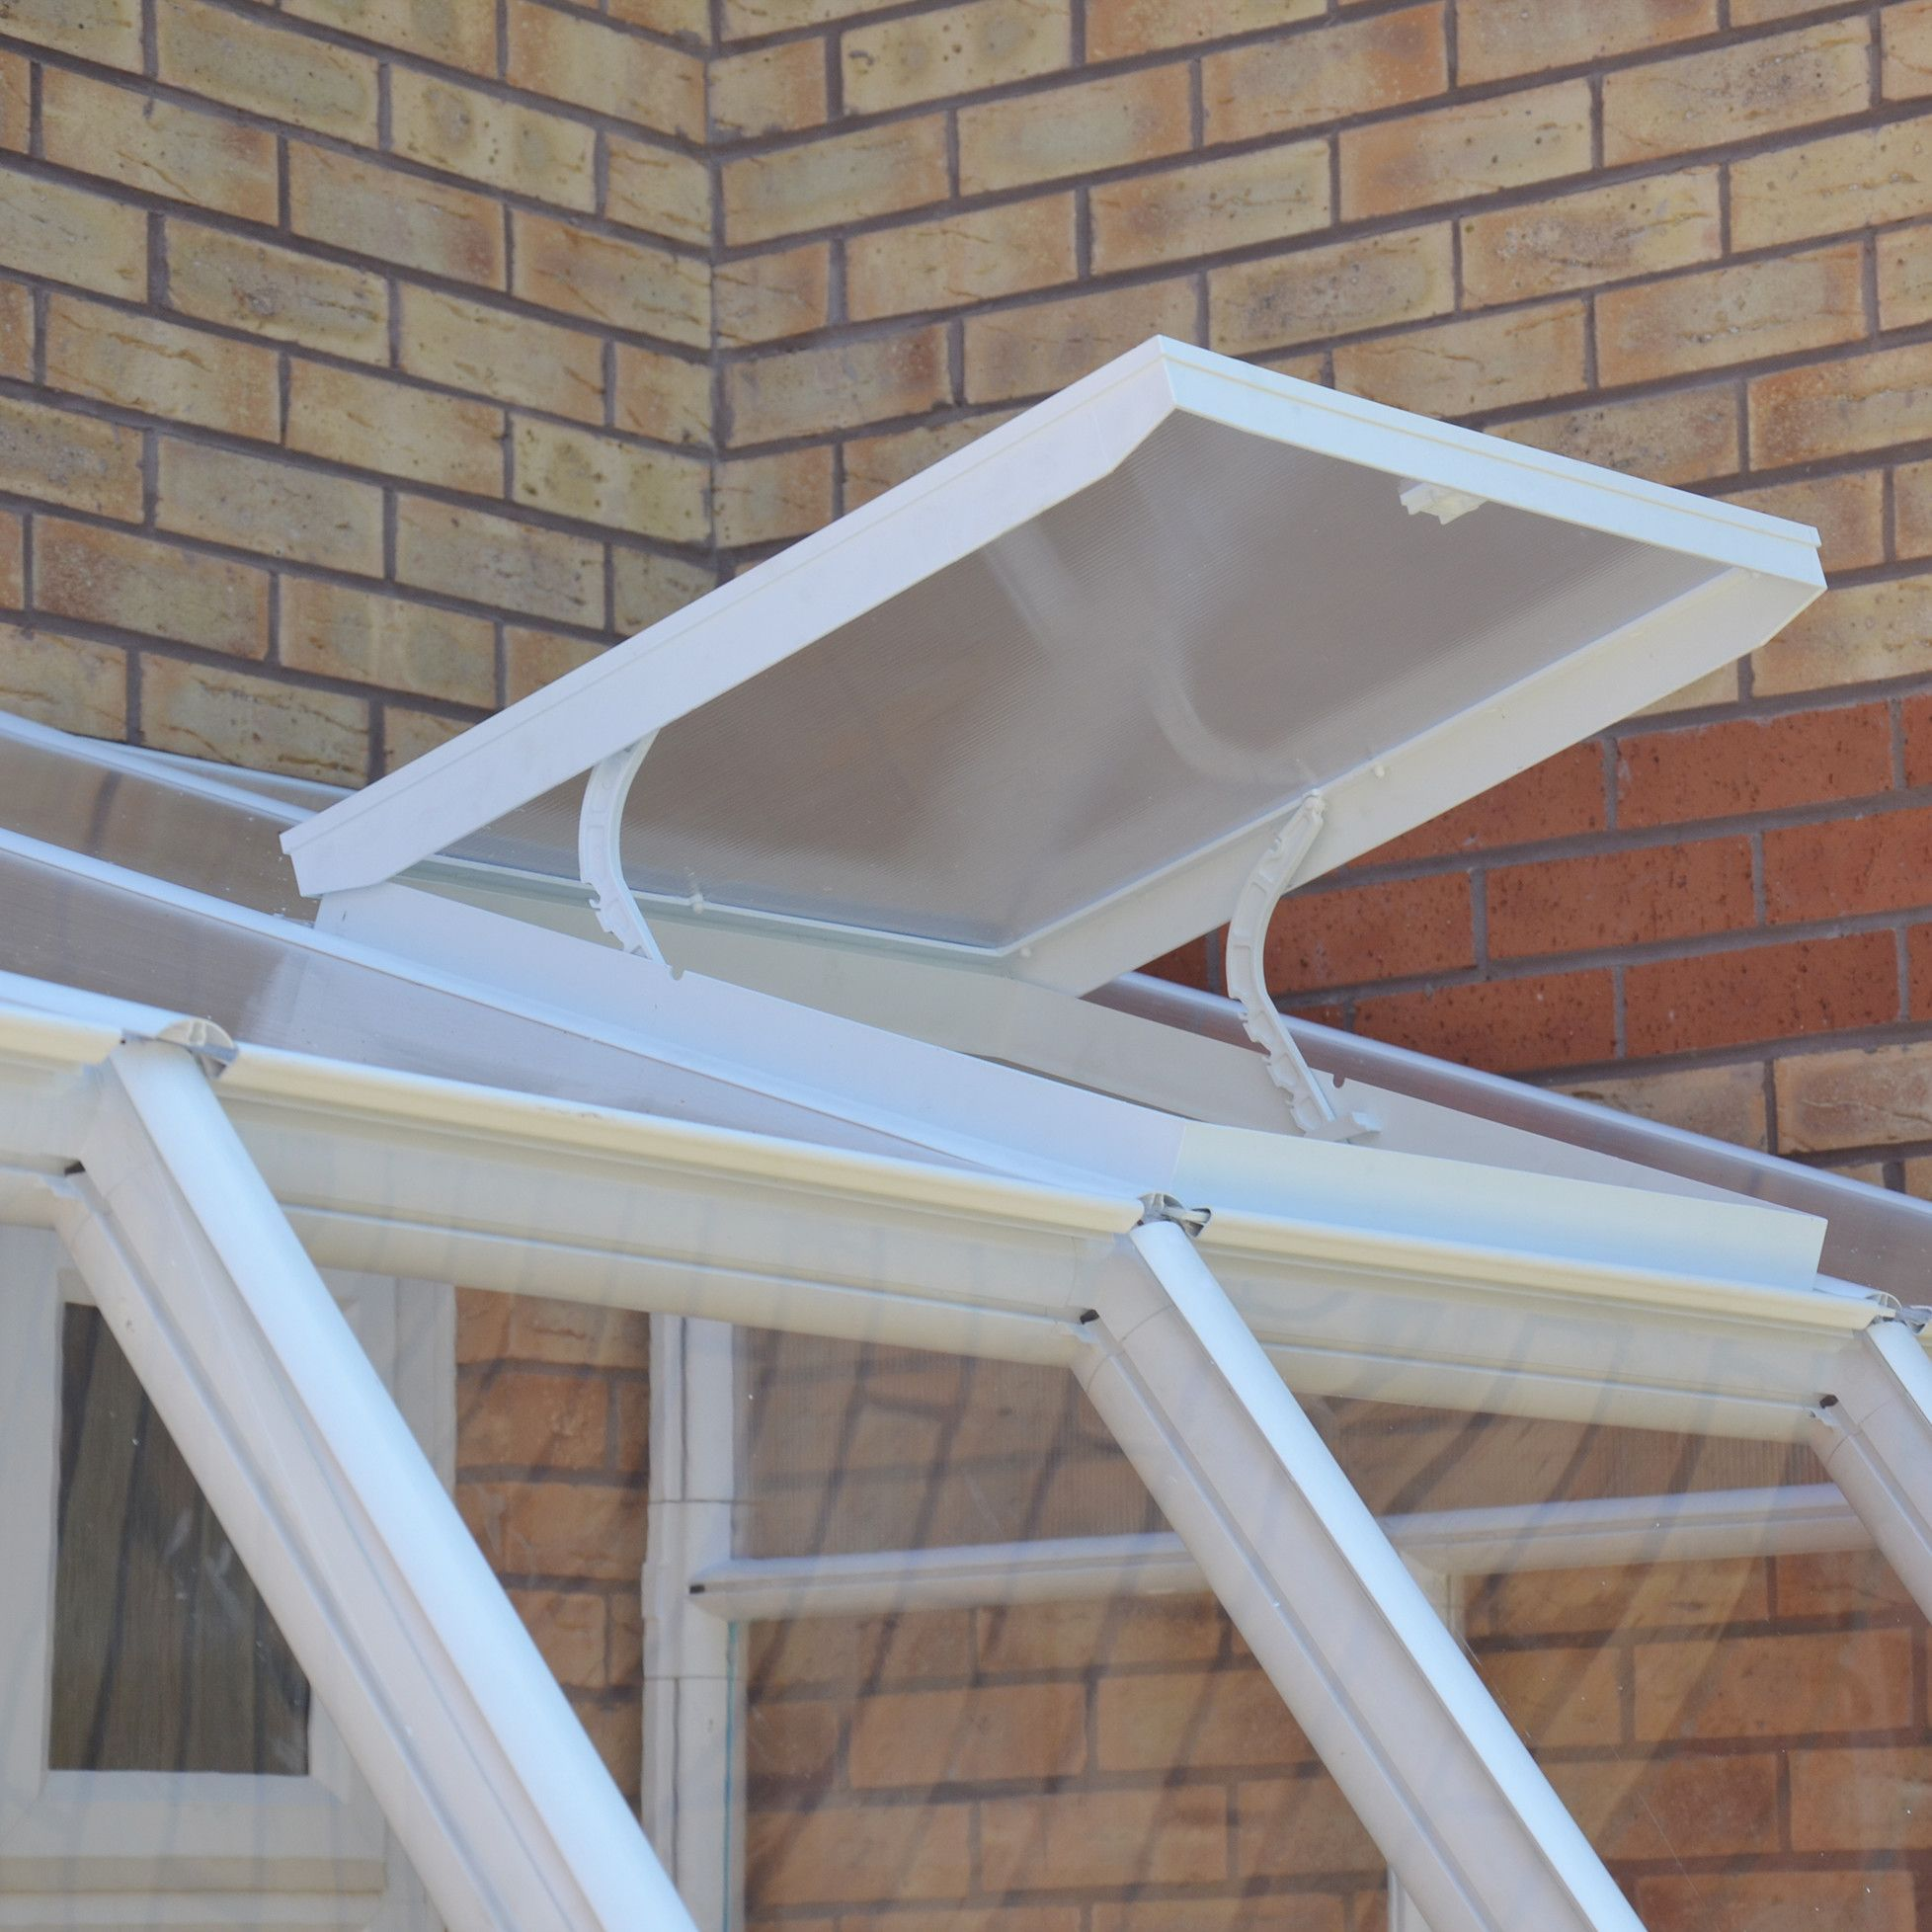 Sunroom 2 Roof Vent Kit Roof Vents Pergola Sunroom